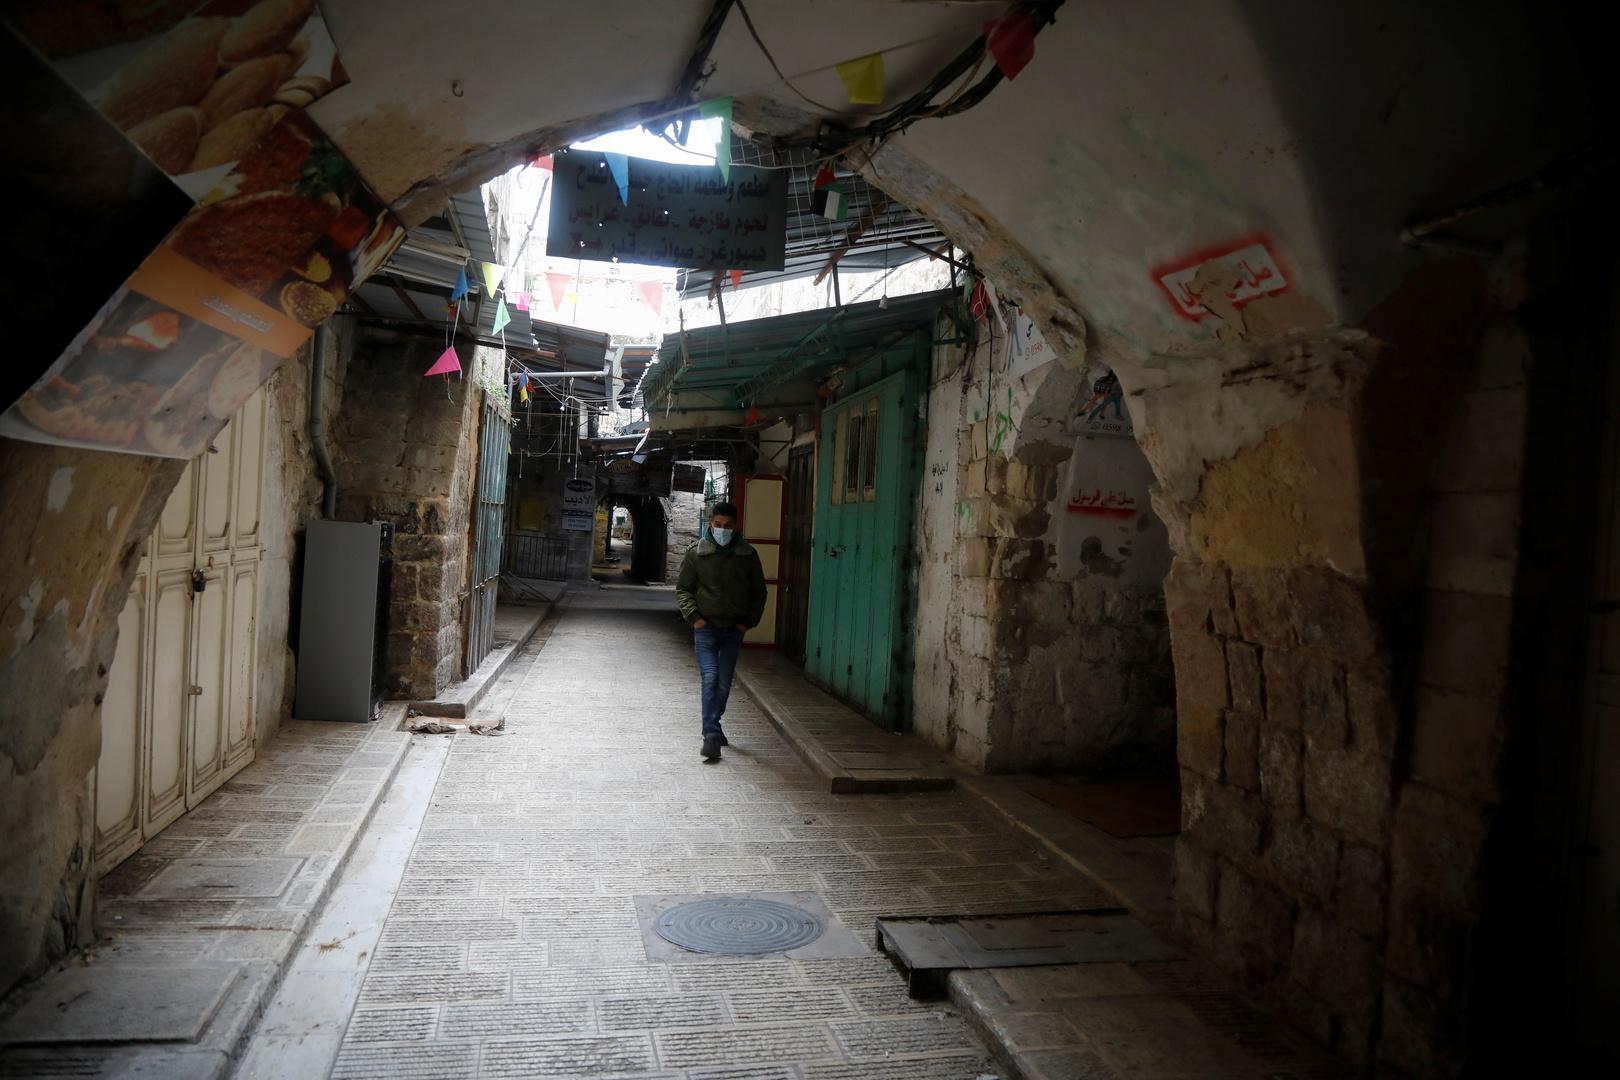 مسؤولي مالي إسرائيلي يعارض فرض إغلاق عام جديد للحد من انتشار كورونا